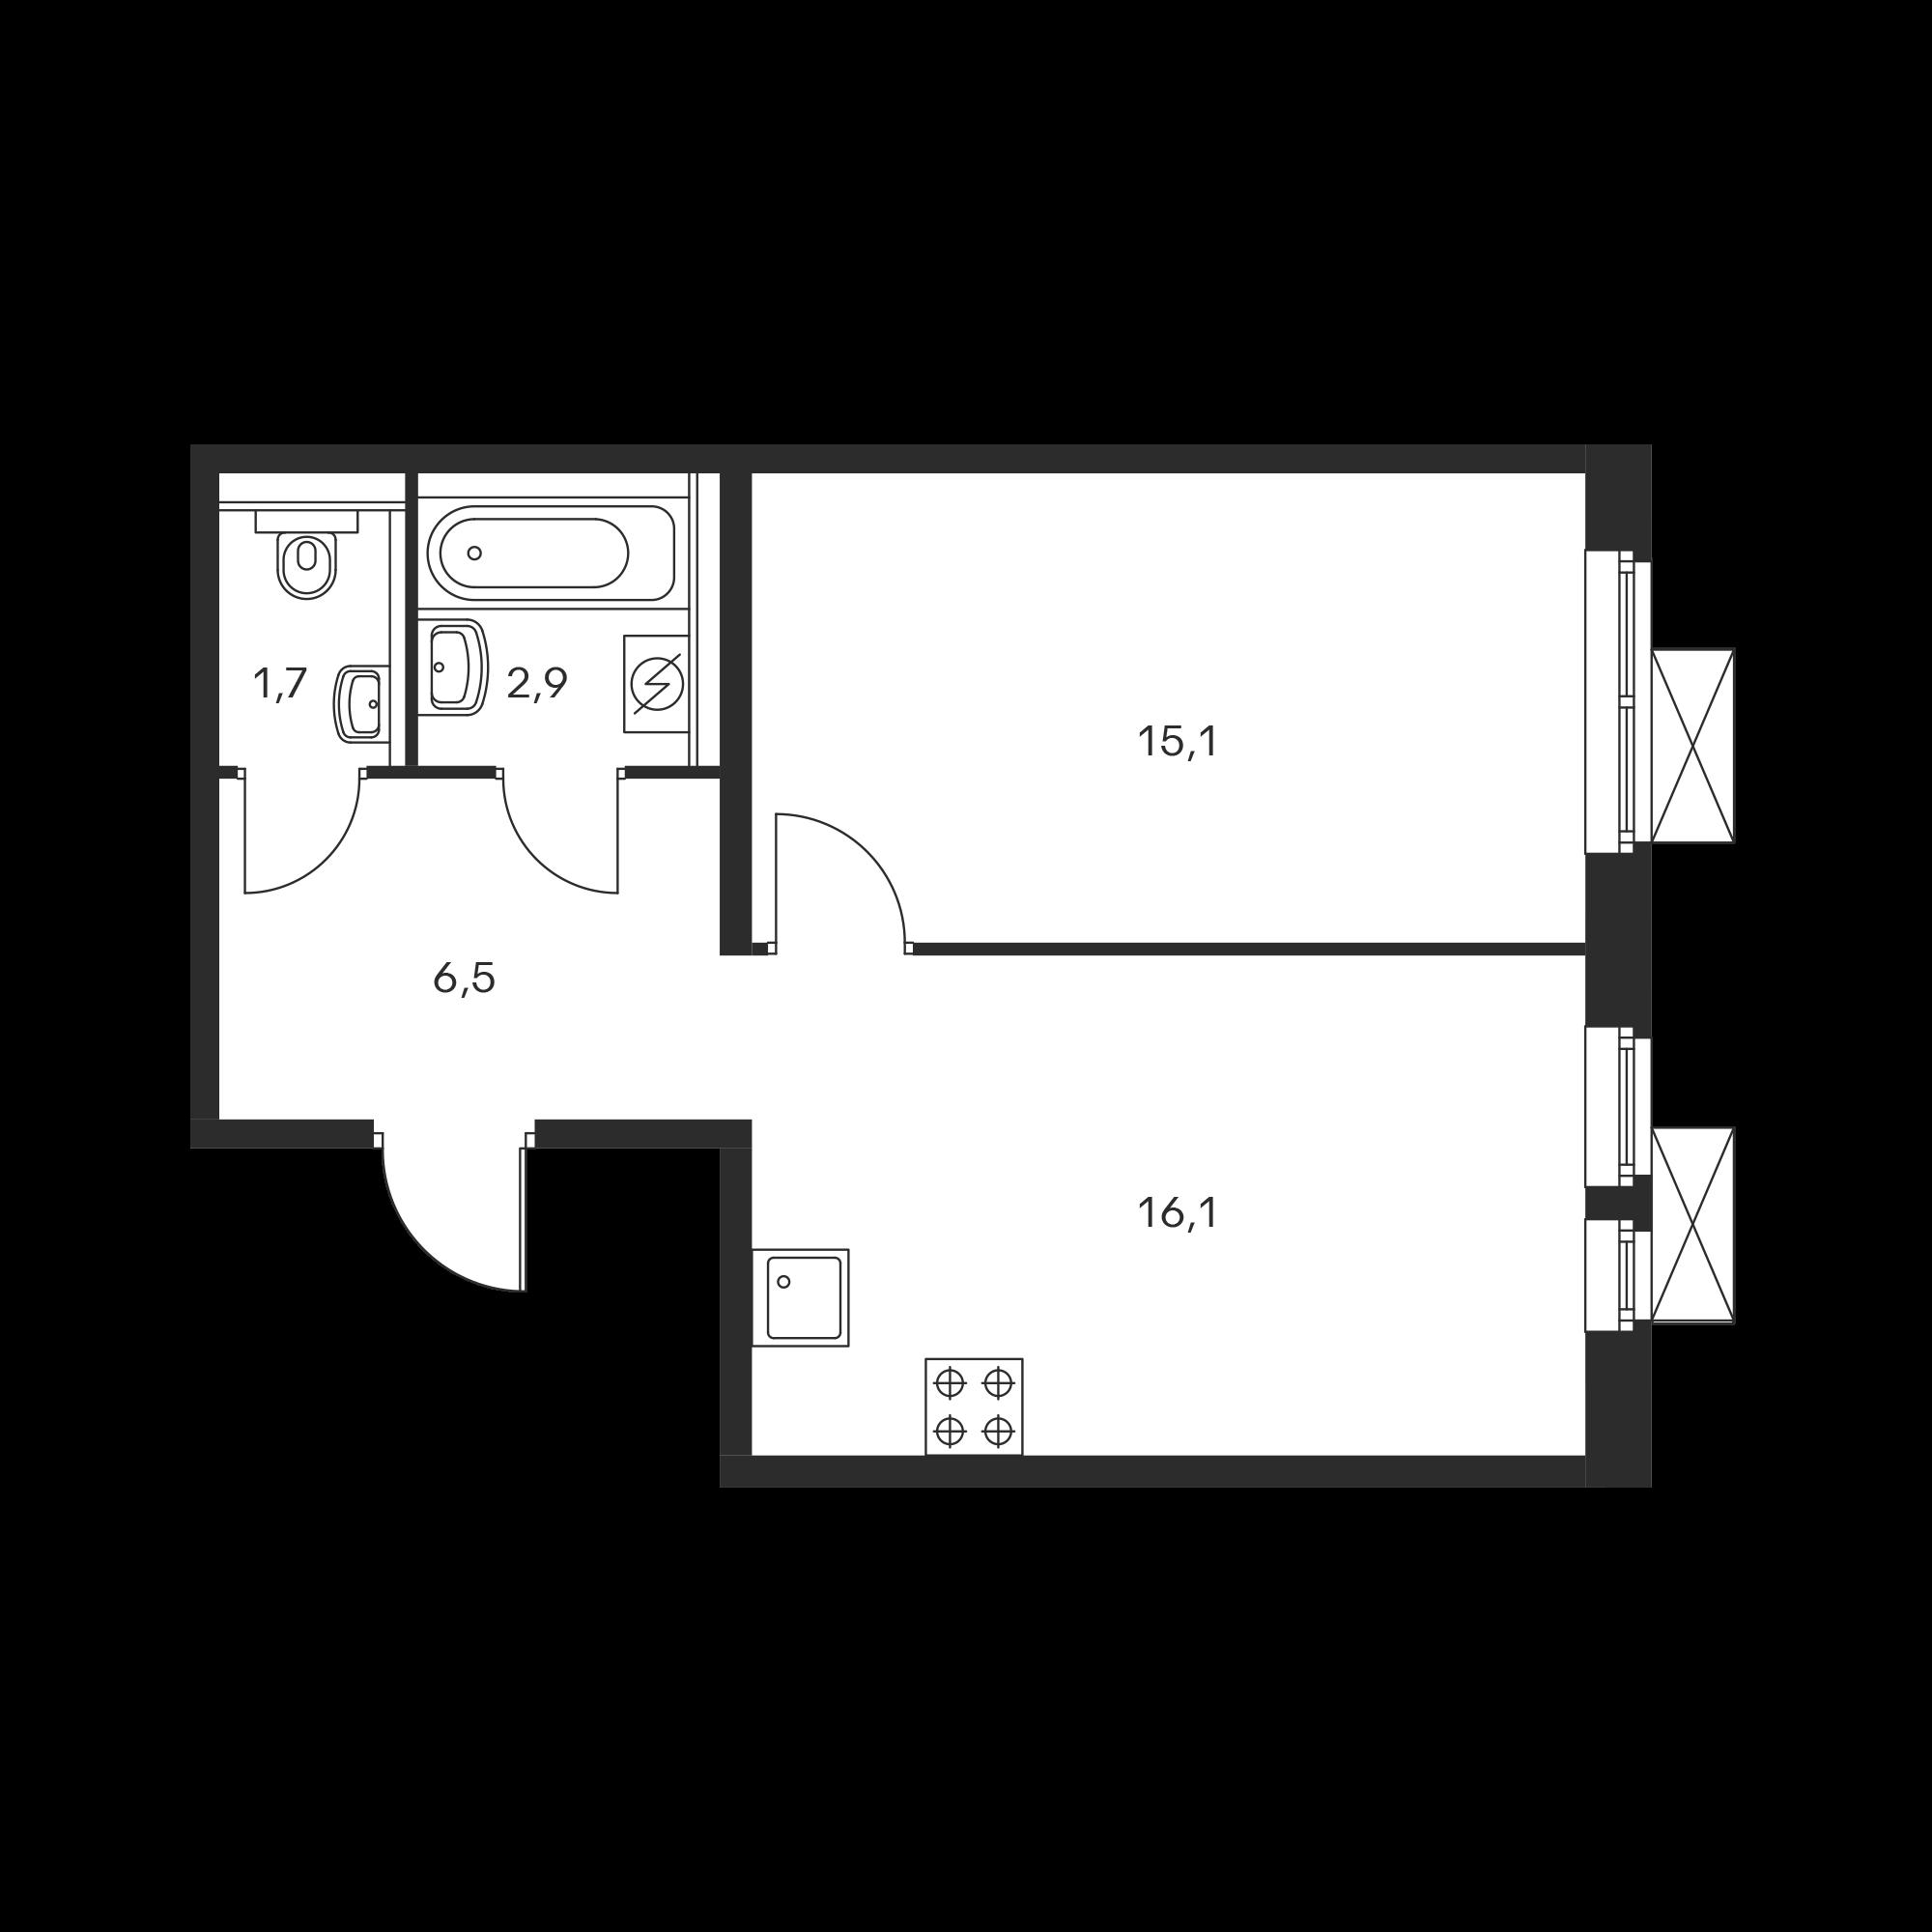 1EL21_8.7-1_S_Z2